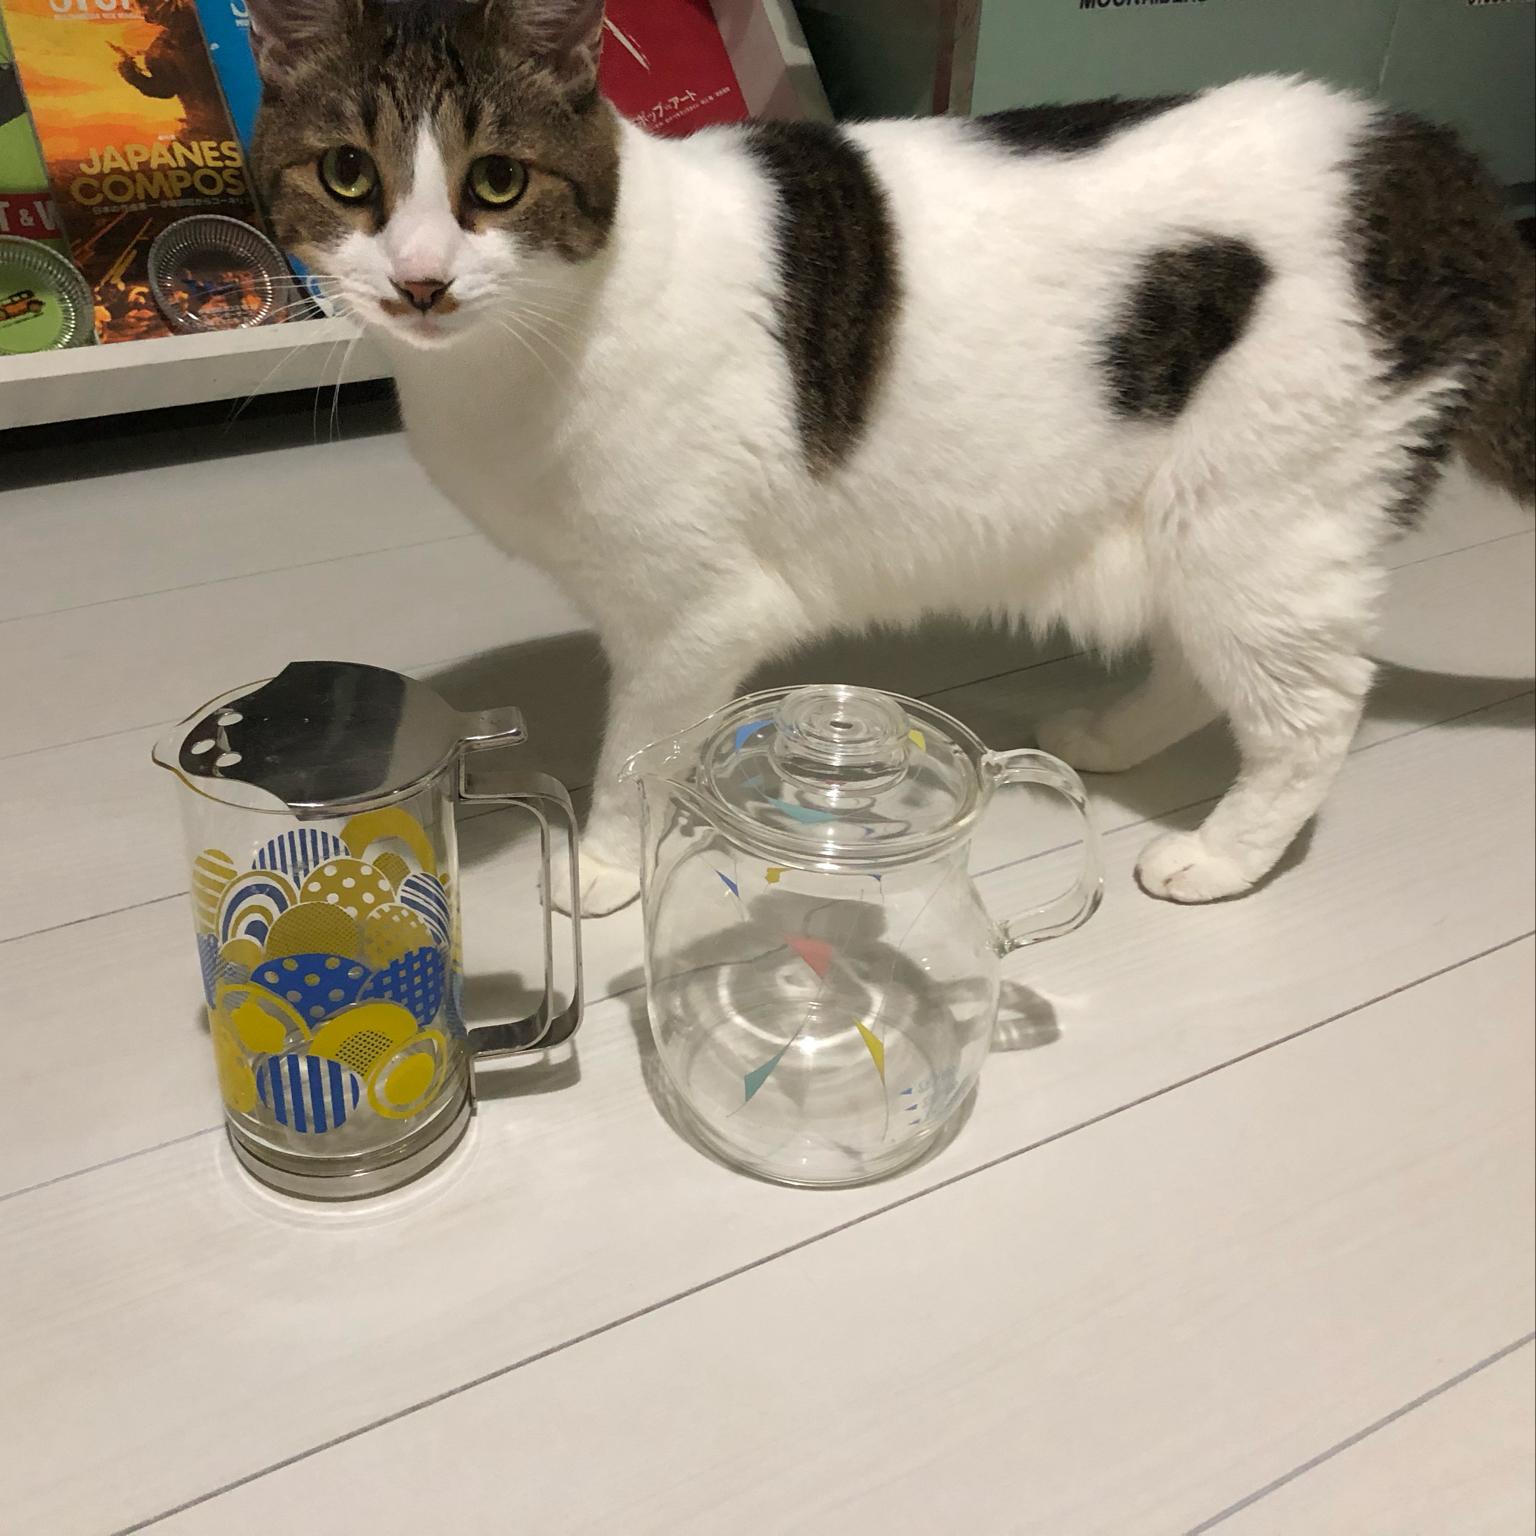 水差し/ガラス雑貨/猫と暮らす/ペットと暮らす/猫と暮らすインテリア...などのインテリア実例 - 2021-09-18 20:40:53